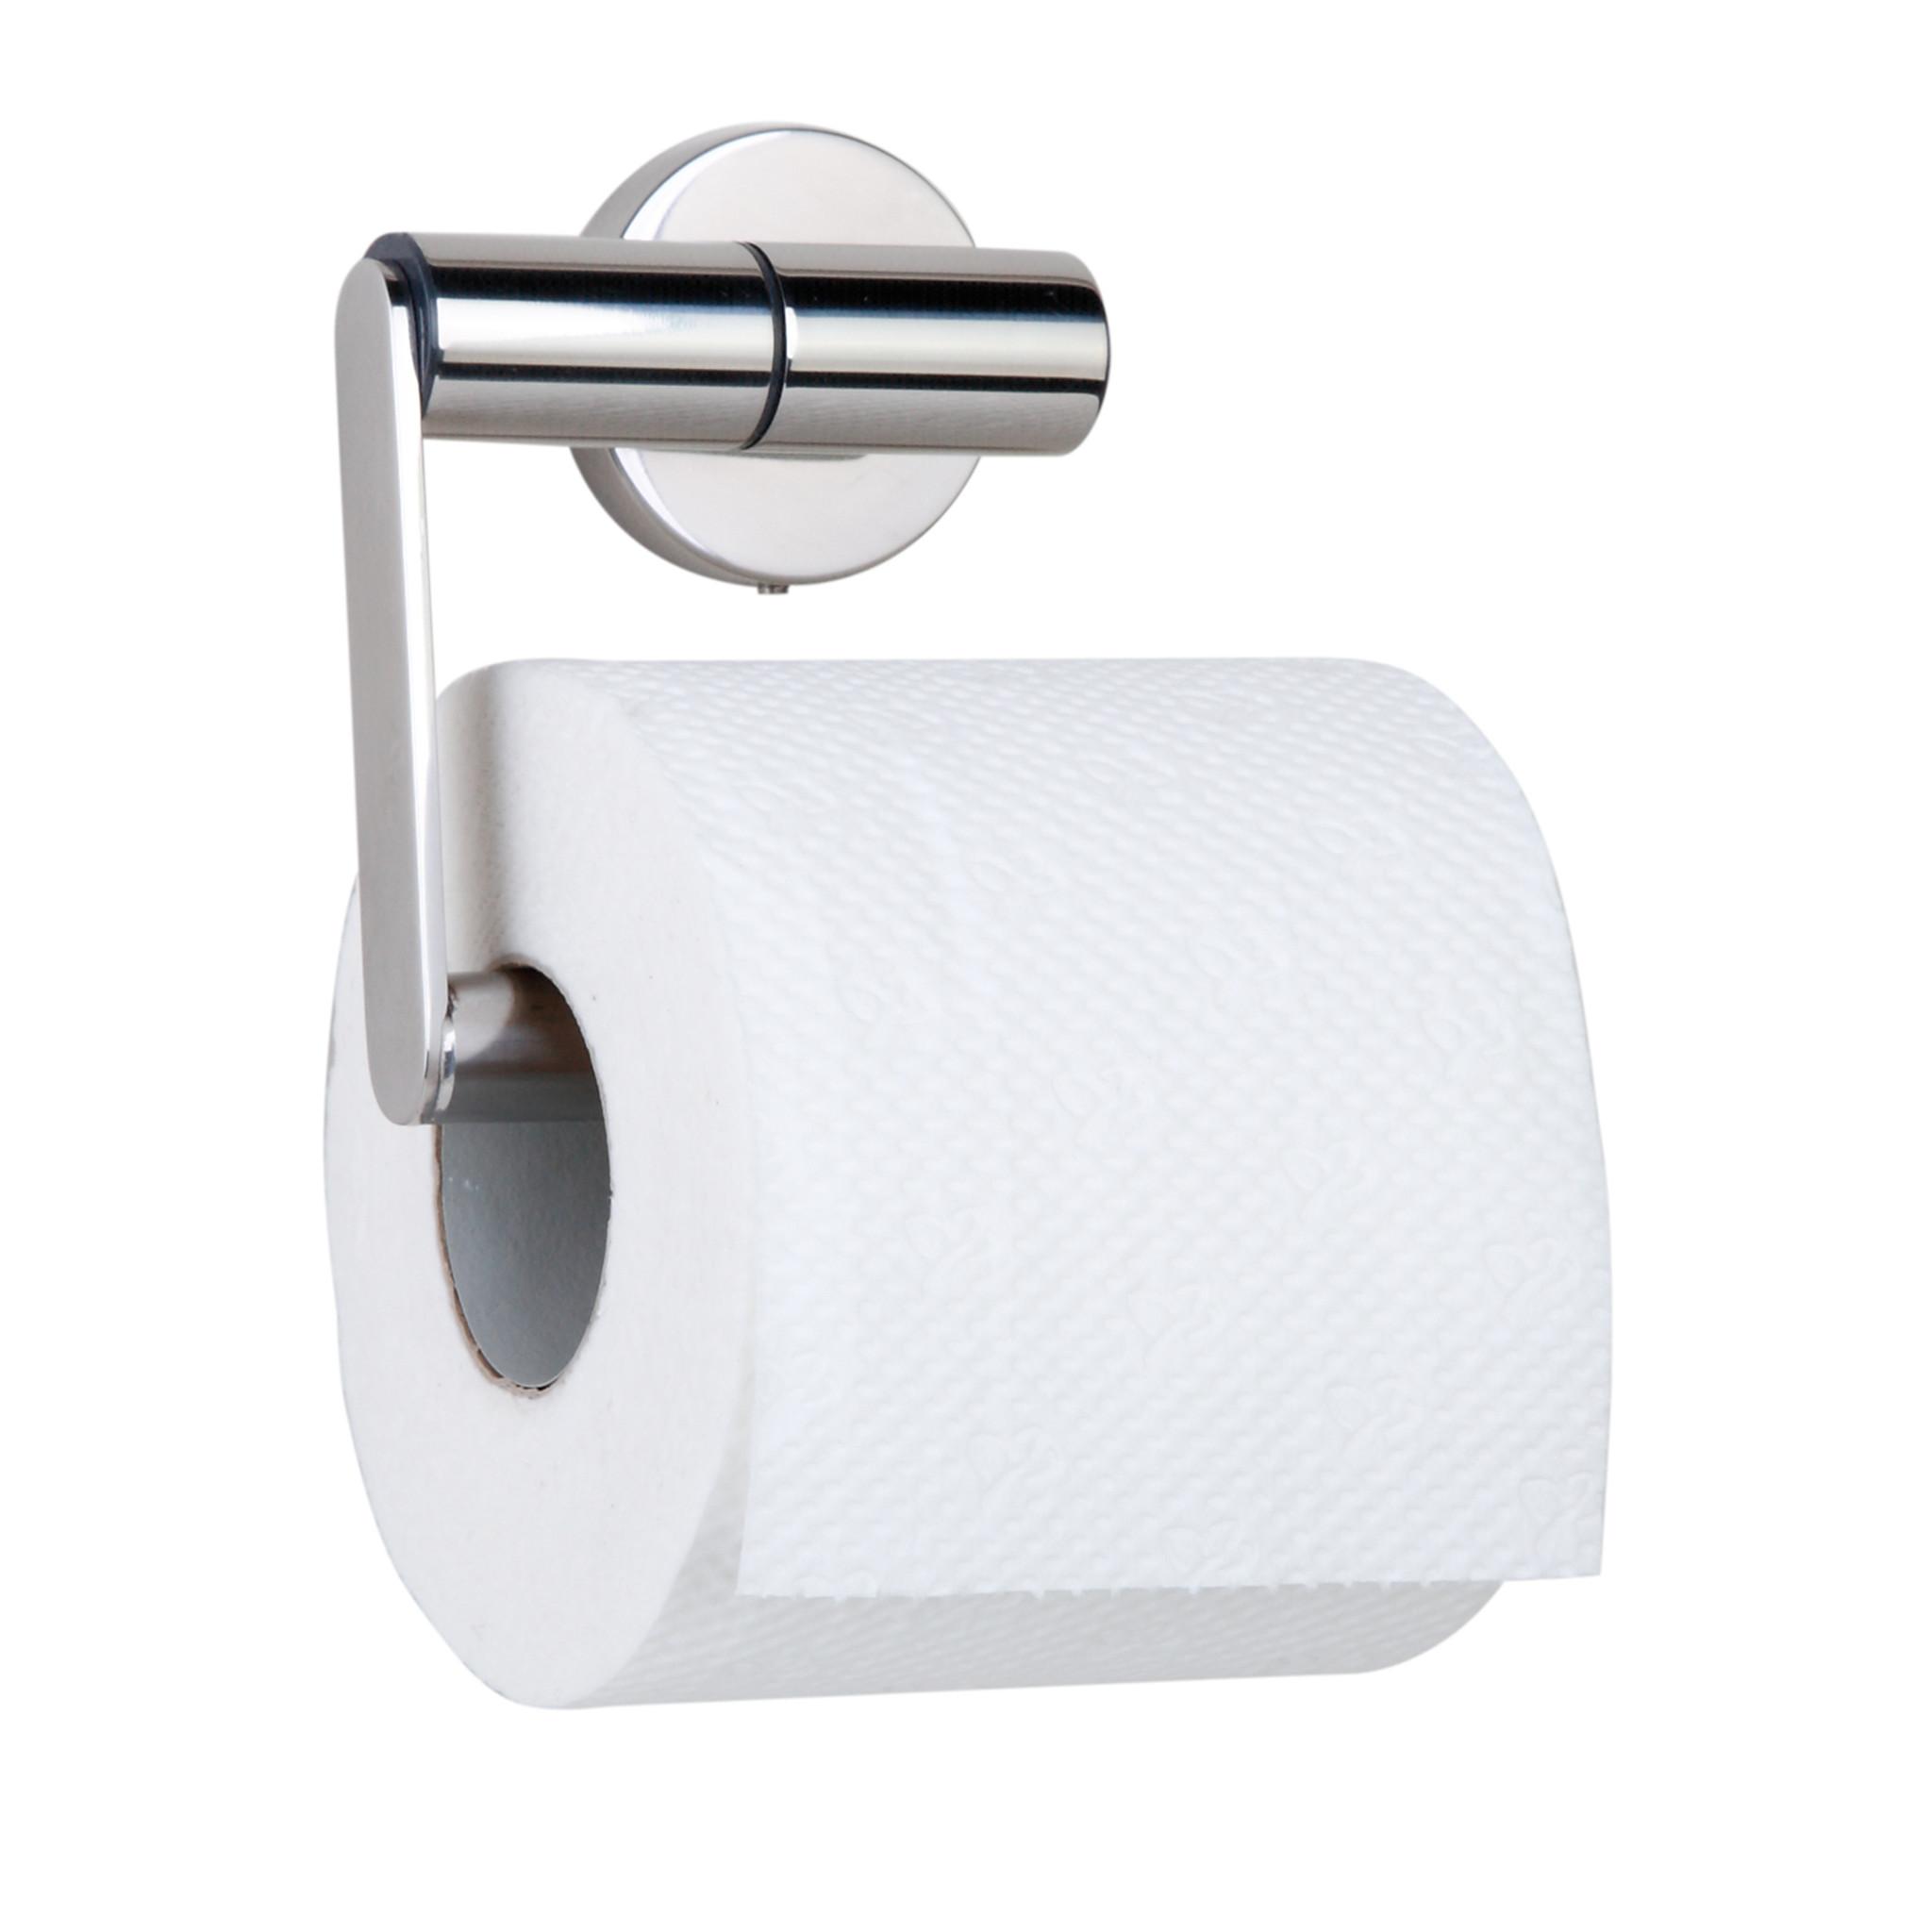 Tiger Boston Toilet Roll Holder